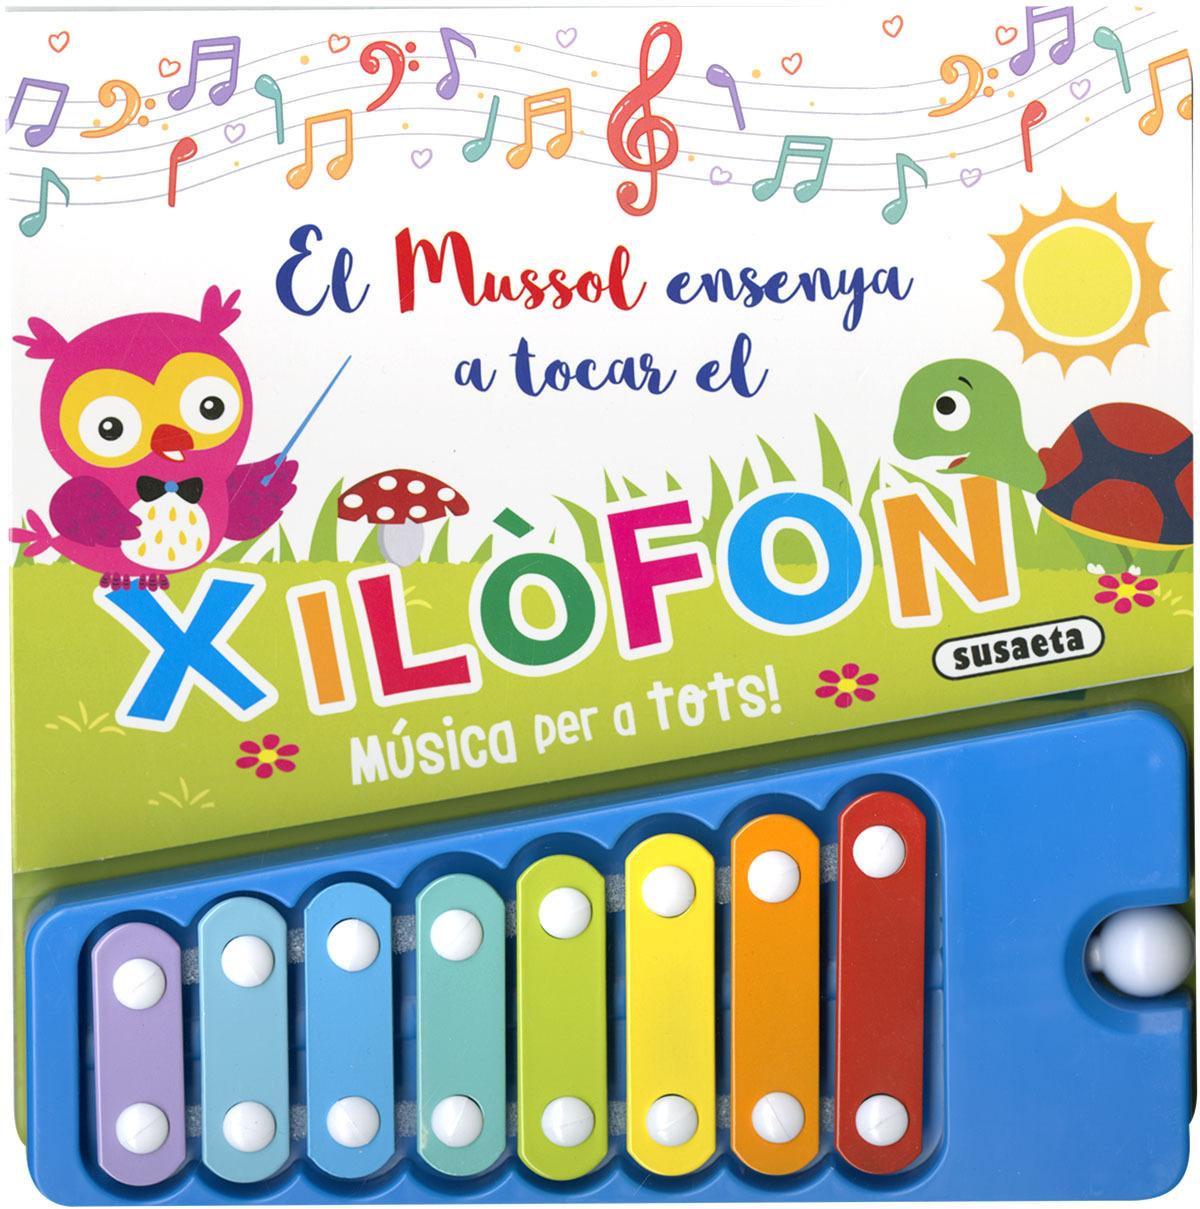 El mussol ensenya a tocar el xilofòn